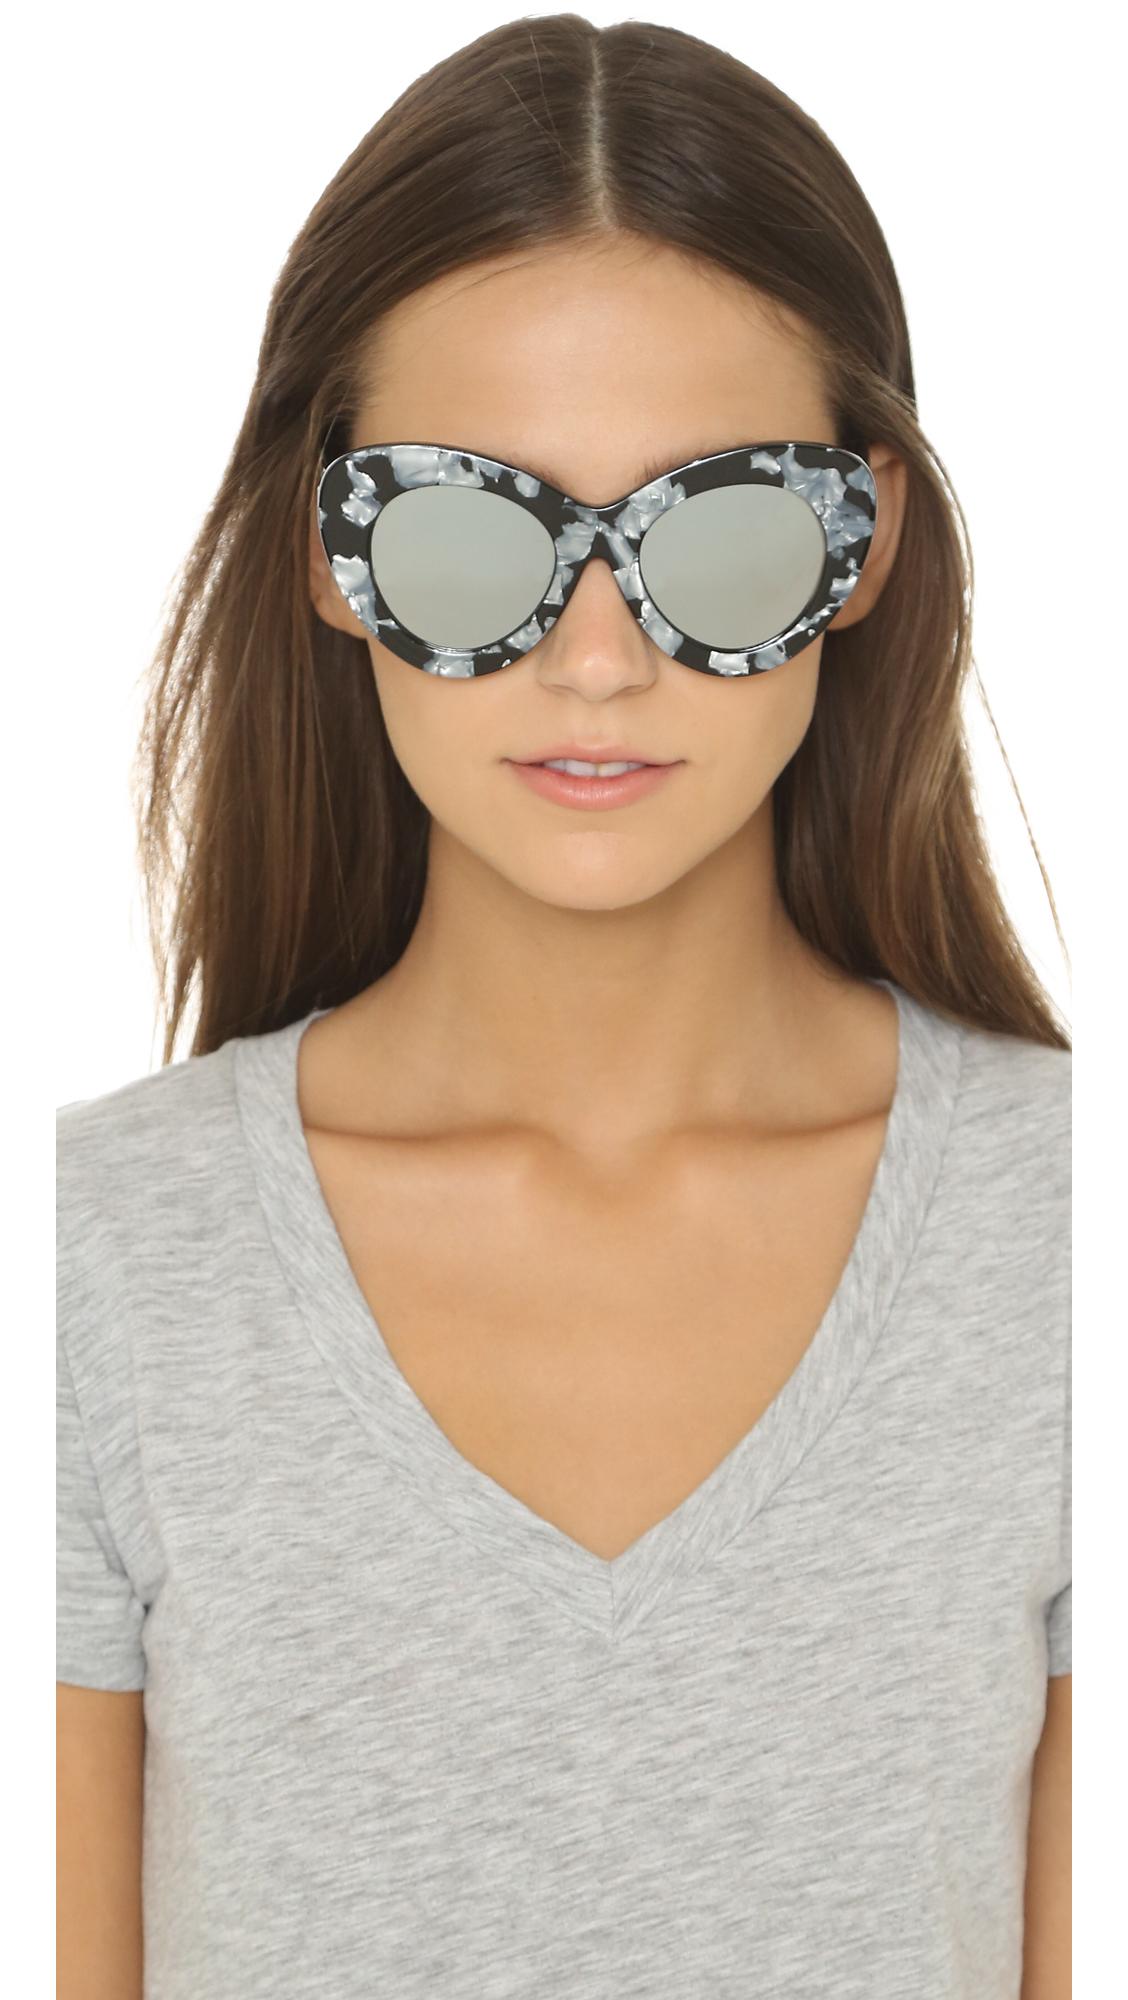 Lyst - Le Specs Go Go Go Sunglasses - Black Marble silver Revo in Black f9f1a4c4052